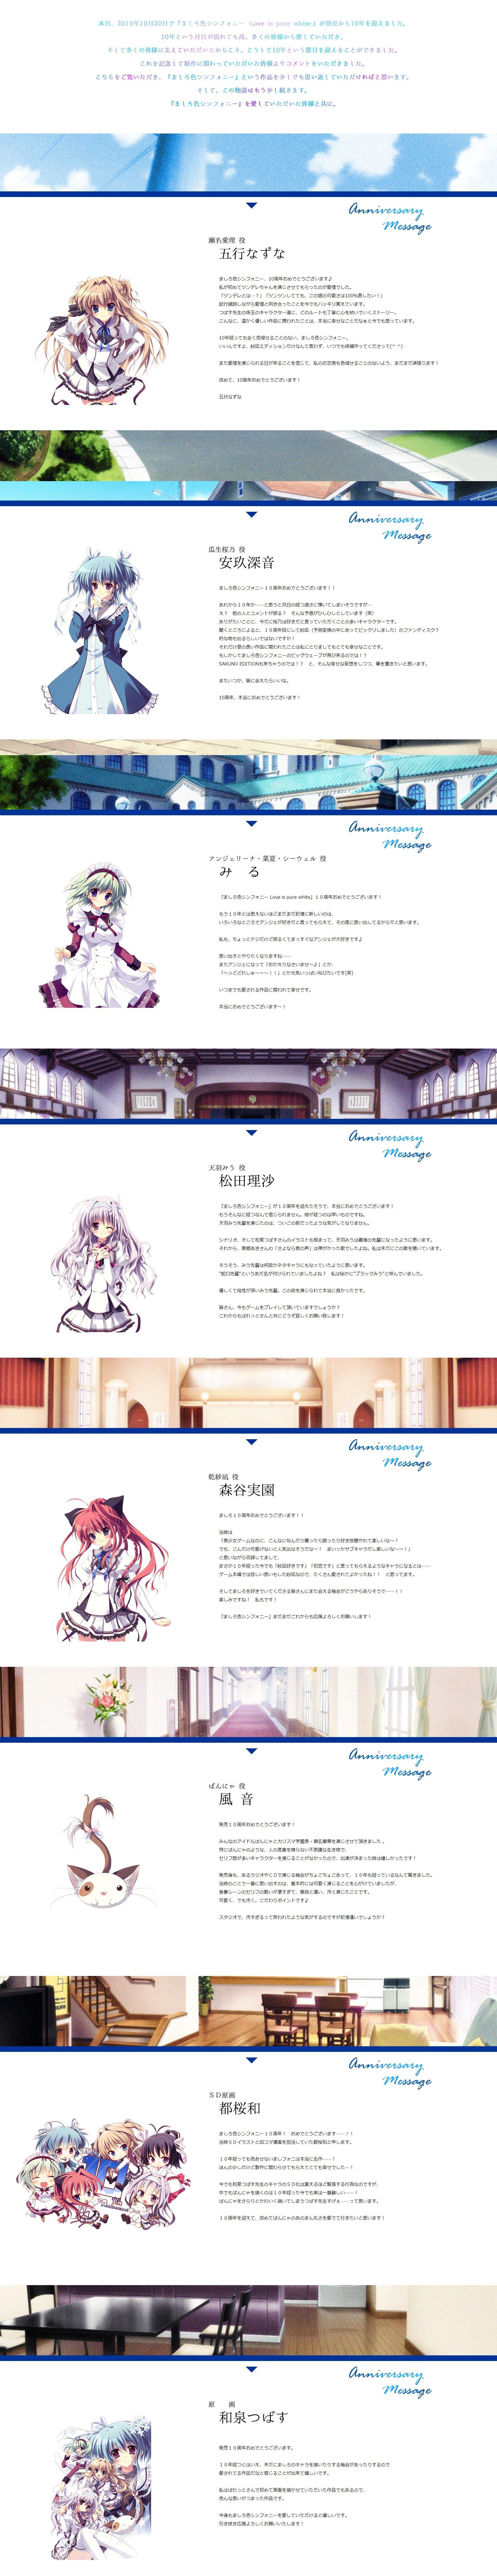 ましろ色シンフォニー10周年特設サイト